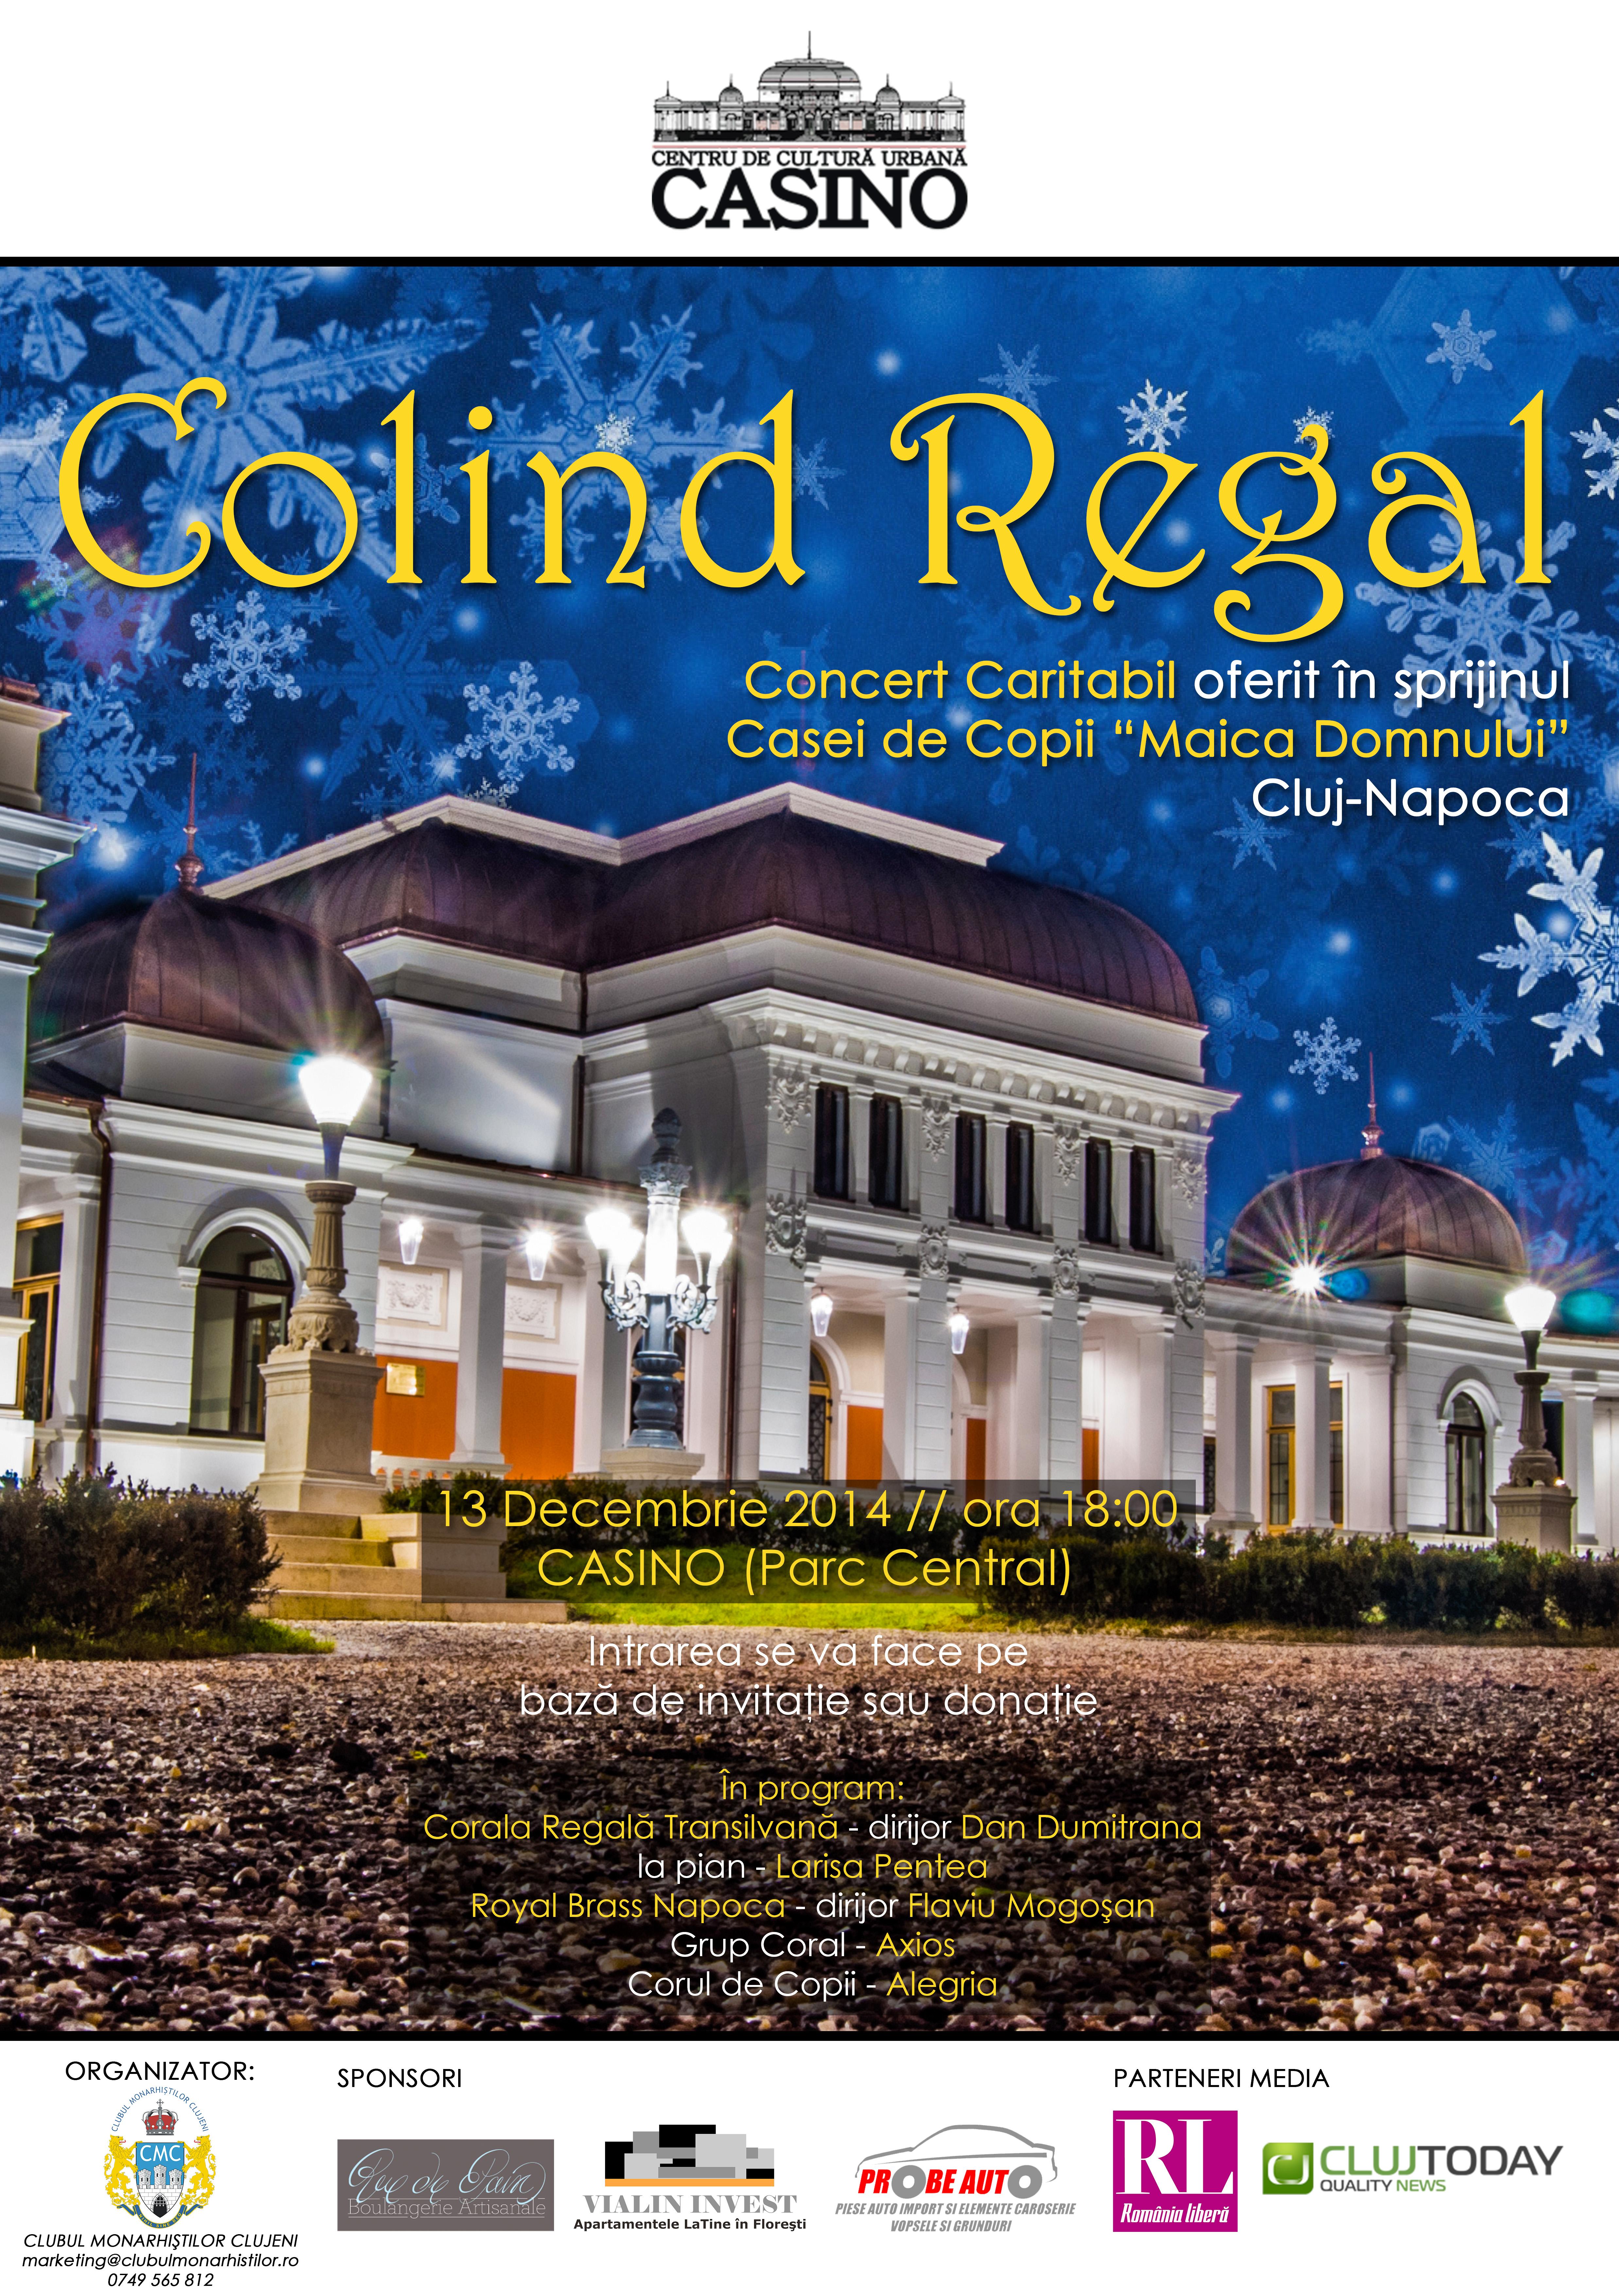 Colind regal in scop caritabil la Cluj-Napoca